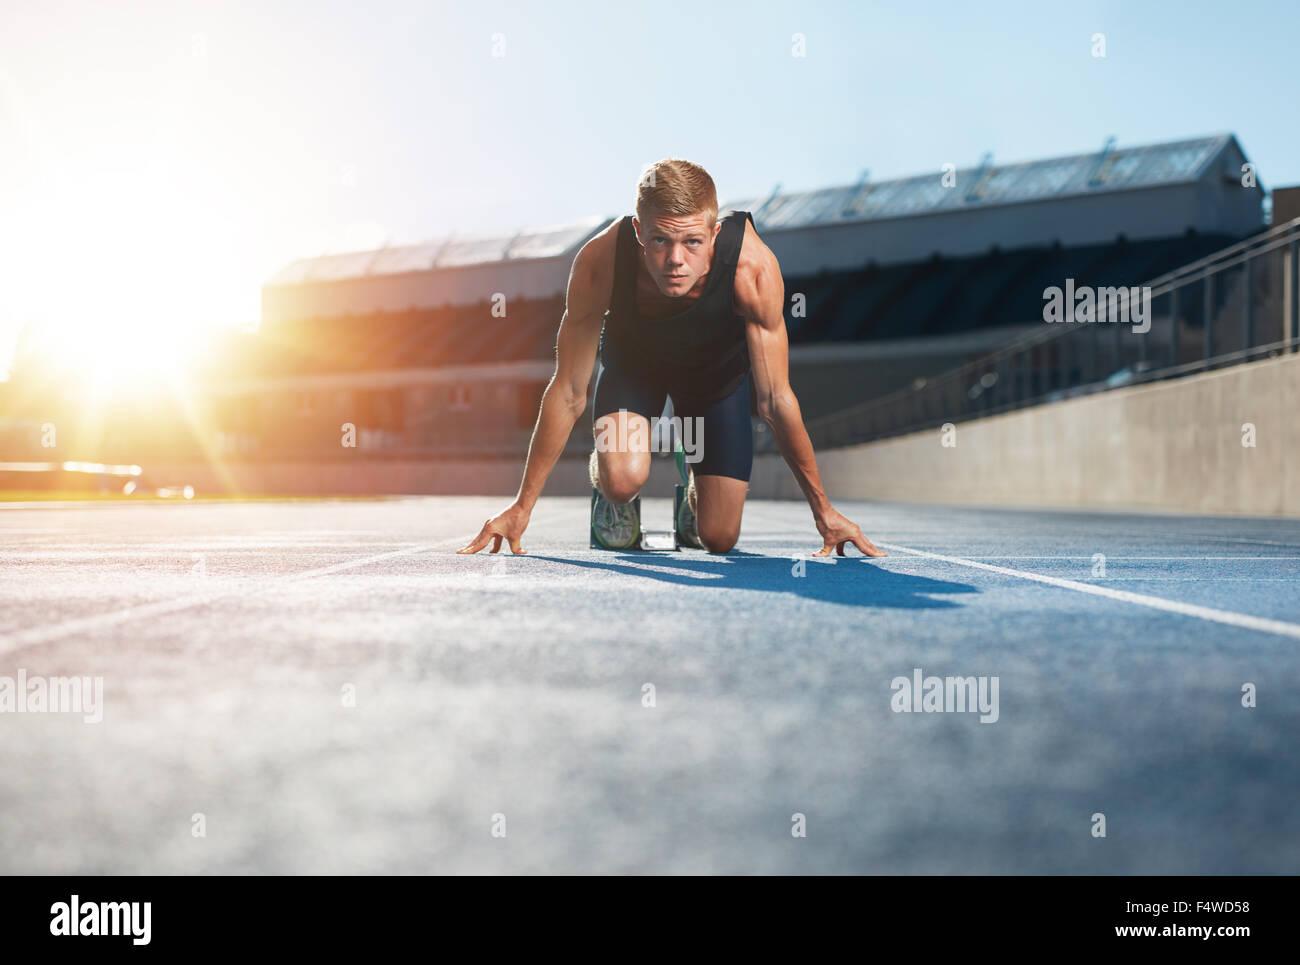 Il giovane atleta nella posizione di partenza pronta per iniziare una corsa. Velocista maschio pronto per una corsa Immagini Stock